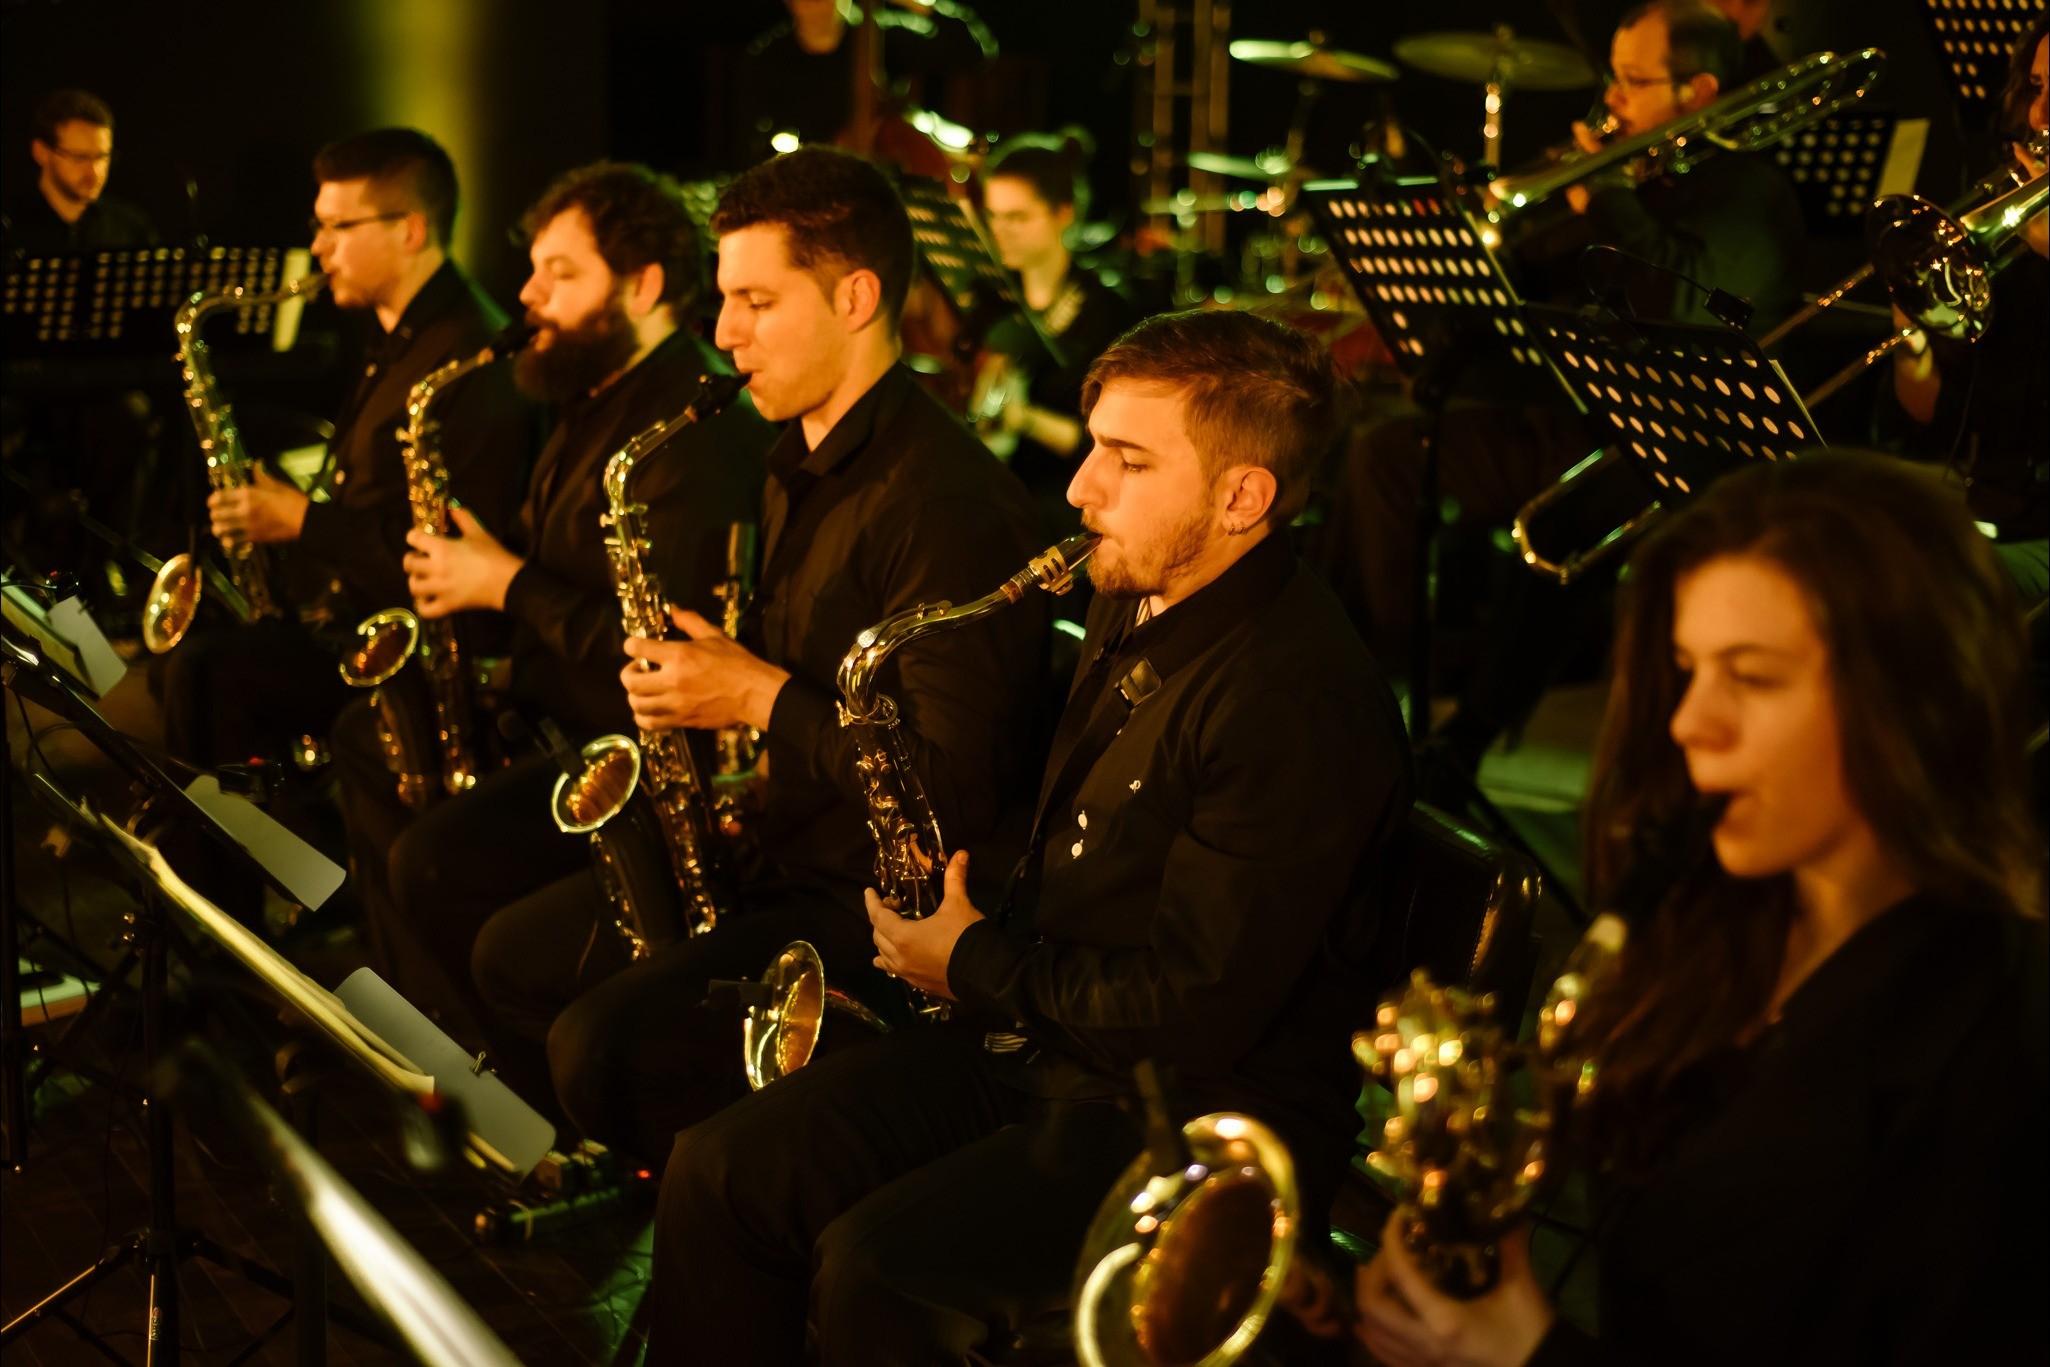 Foto Concerto da Orquestra Municipal de Garibaldi traz Ale Ravanello como convidado especial